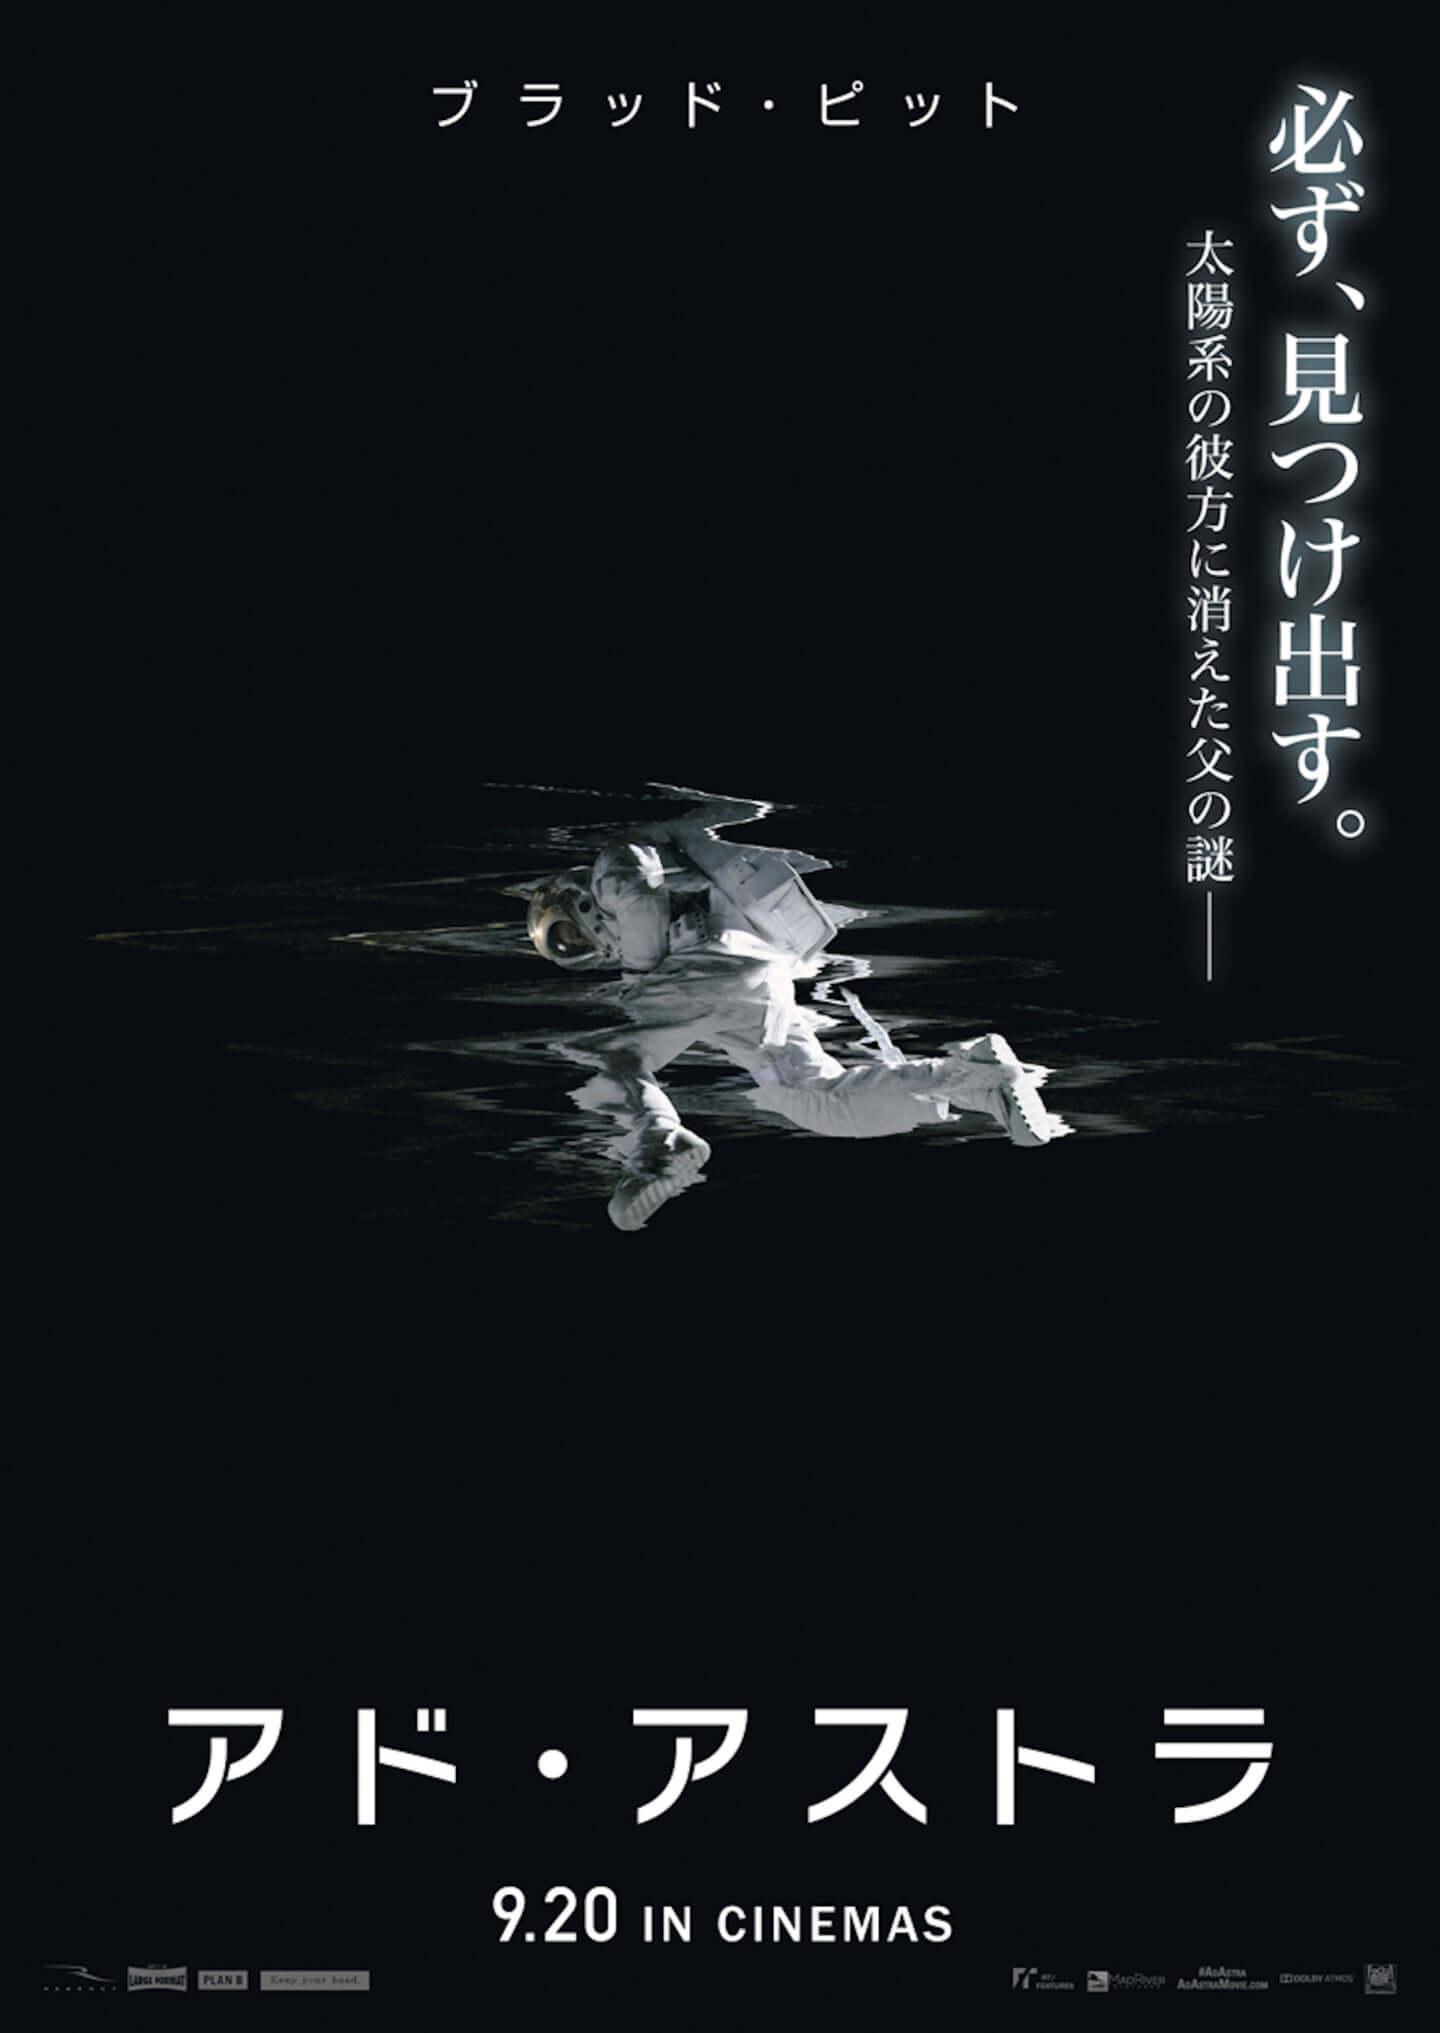 ブラピ、宇宙の彼方へ|SF映画『アド・アストラ』の公開が9月20日に決定!予告&ポスターが解禁 film190621_adastra_main-1440x2033